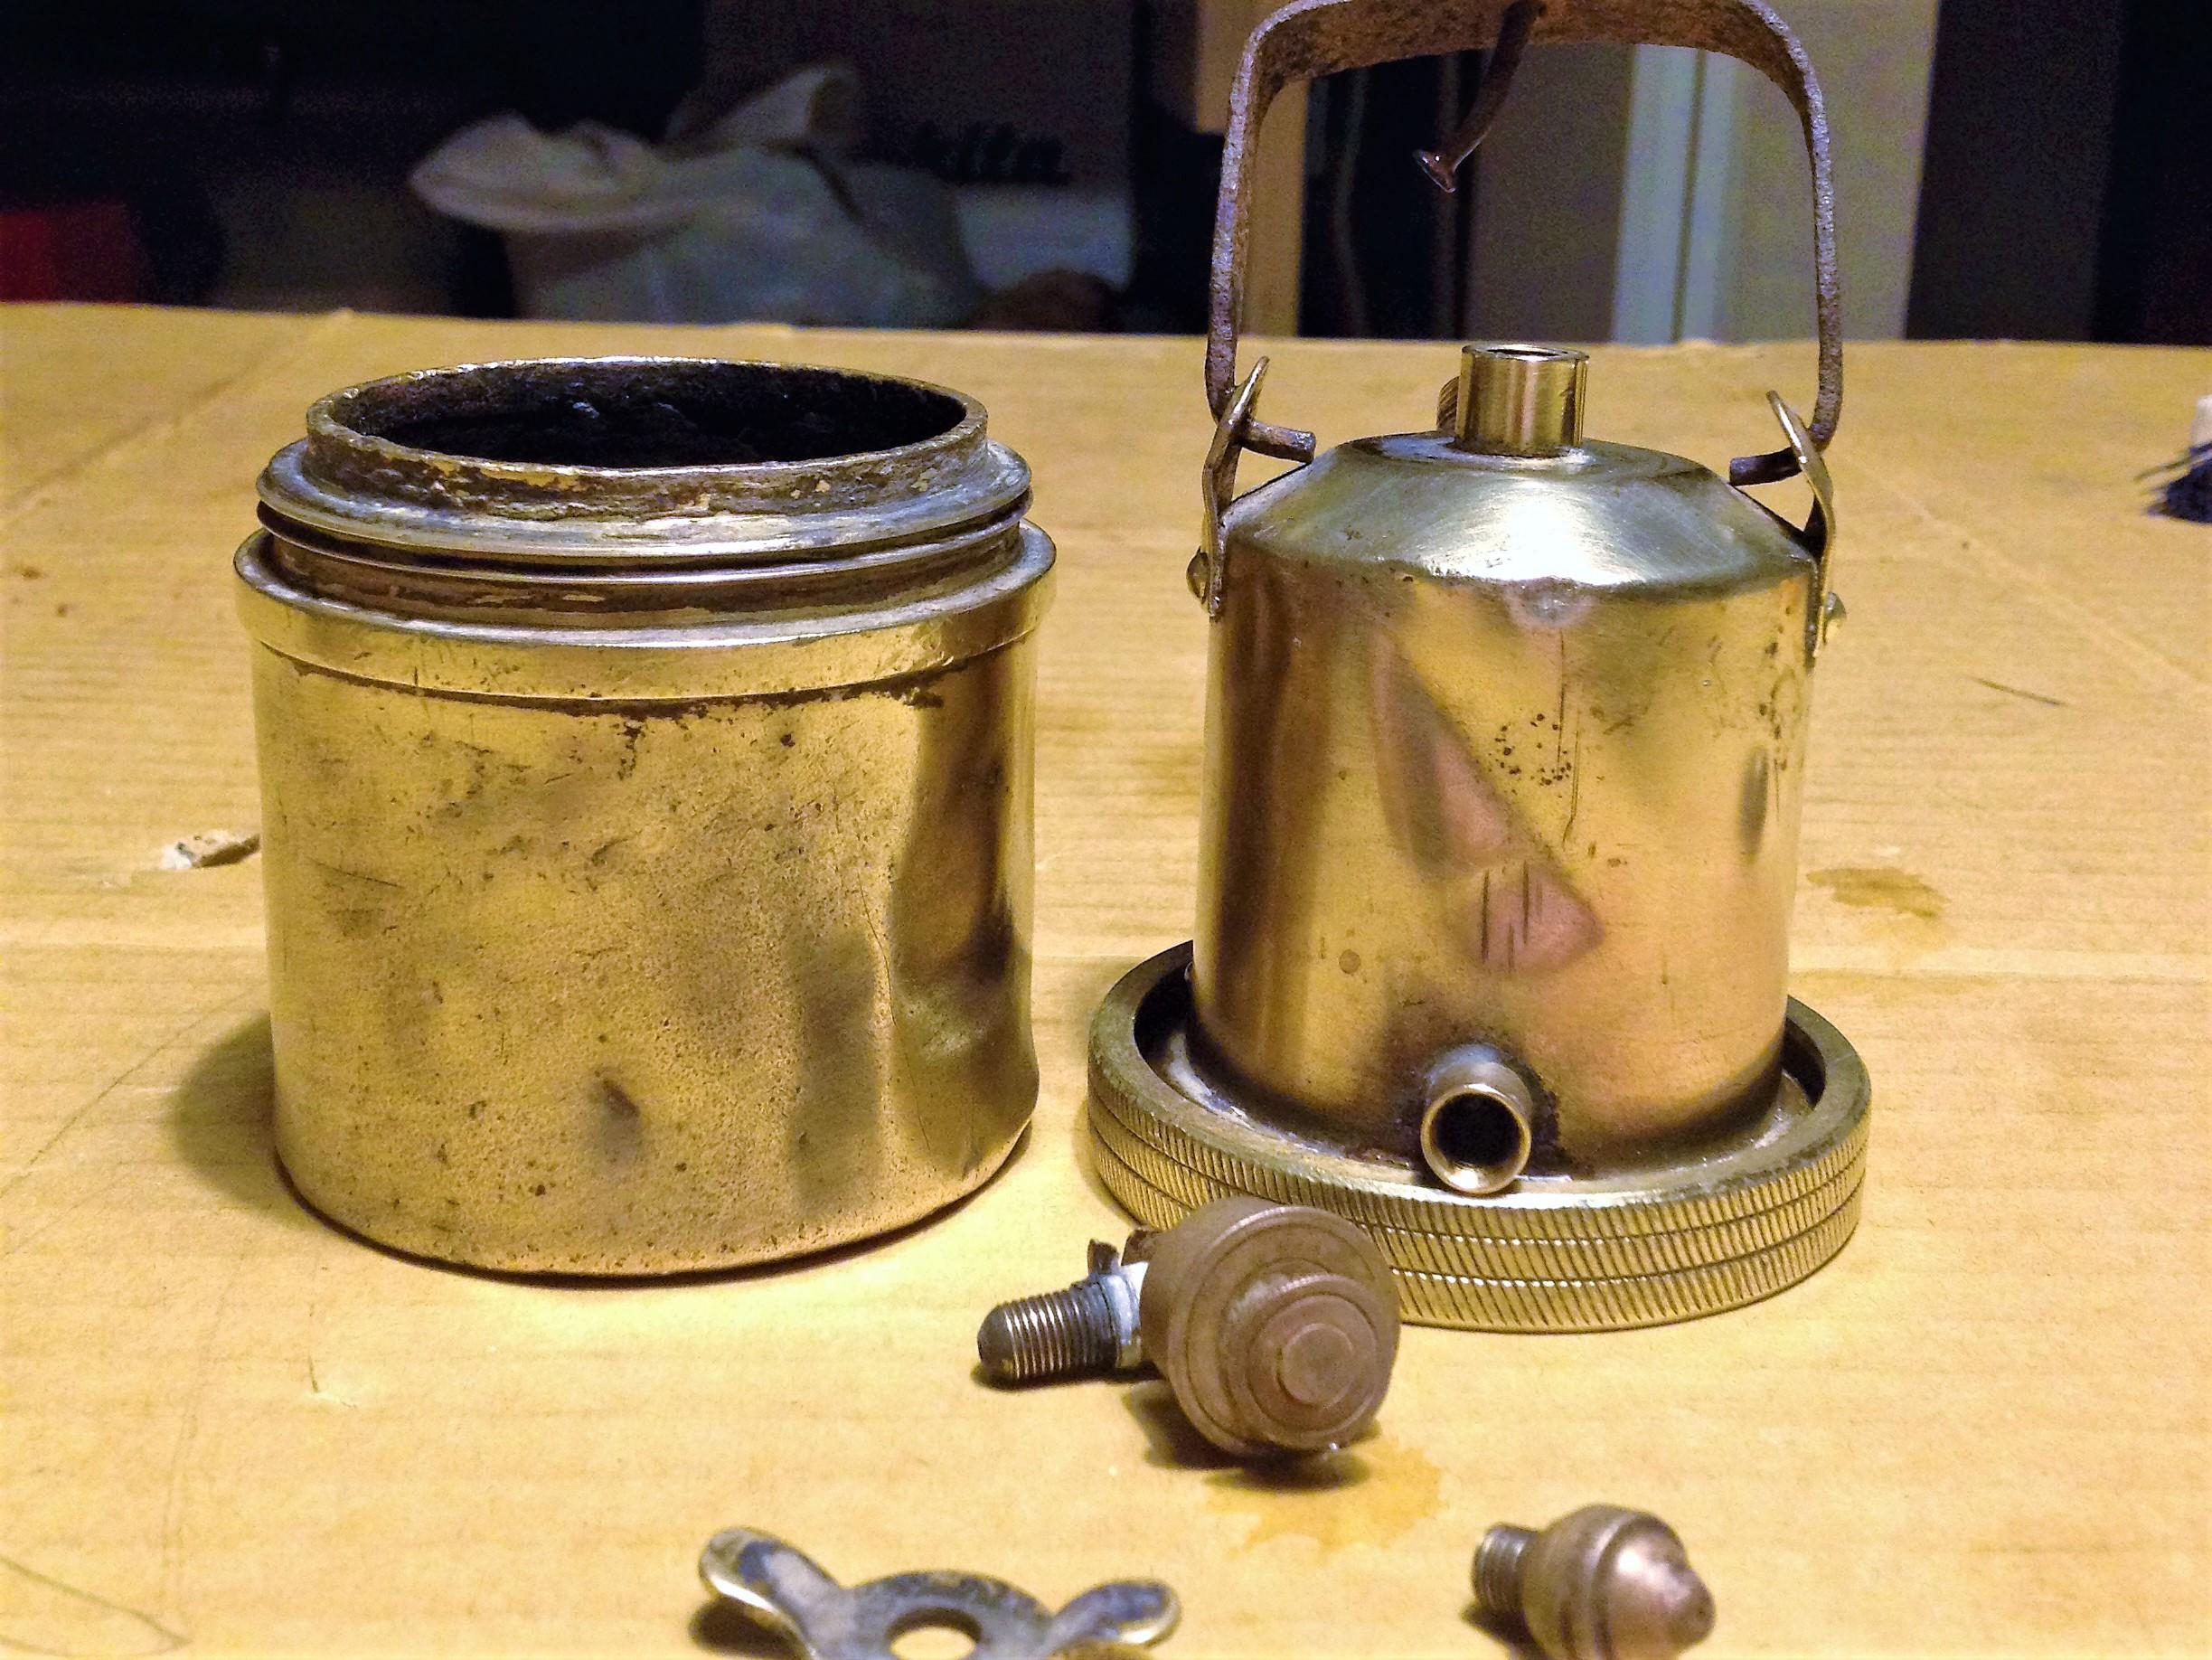 カーバイトランプをクエン酸とピカールで磨く